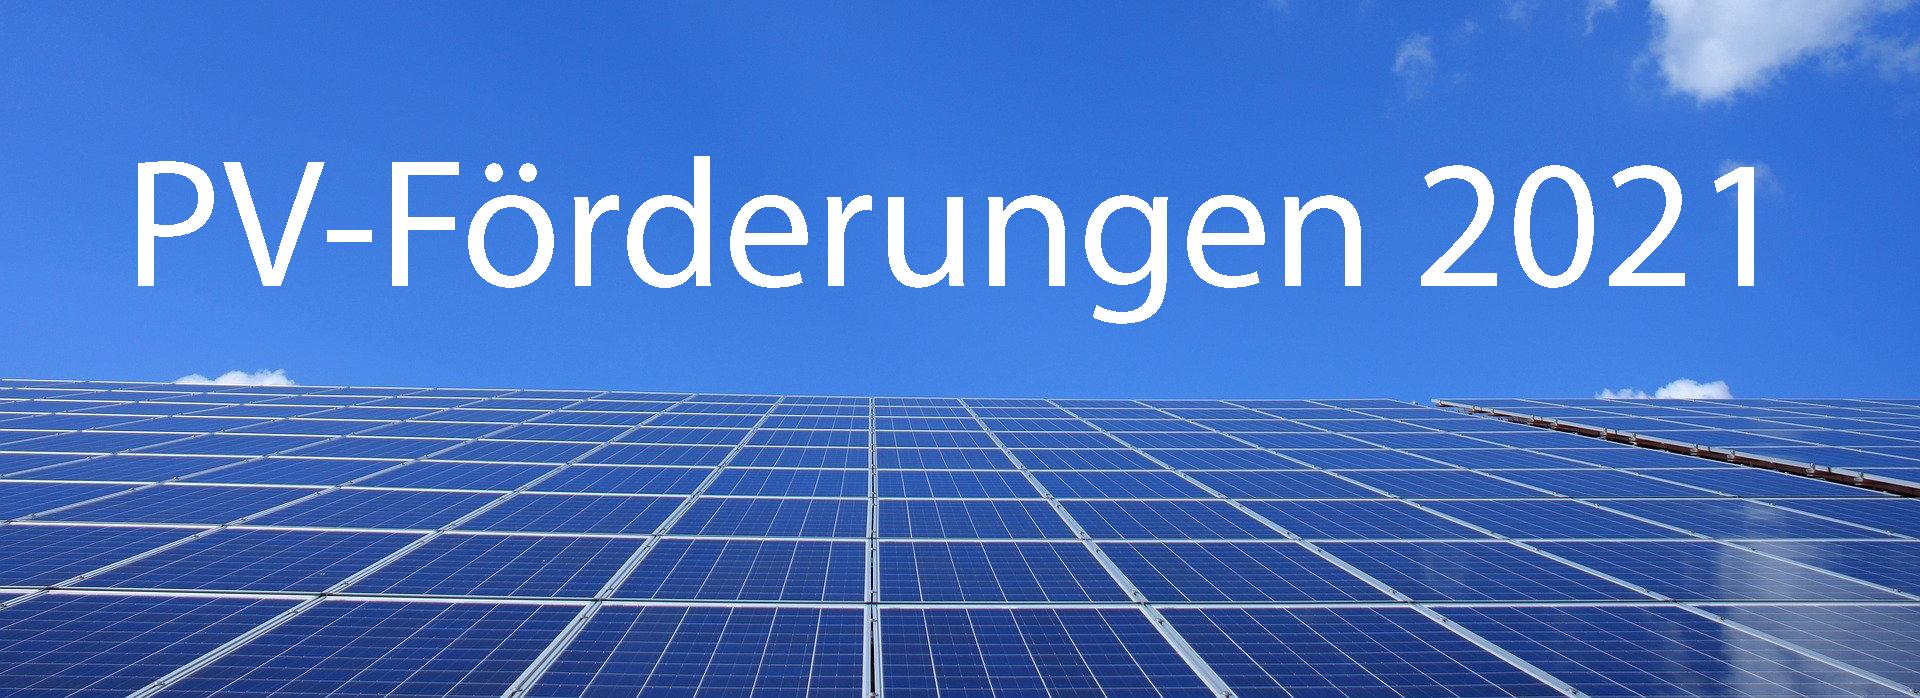 PV_Foerderungen_2021.png